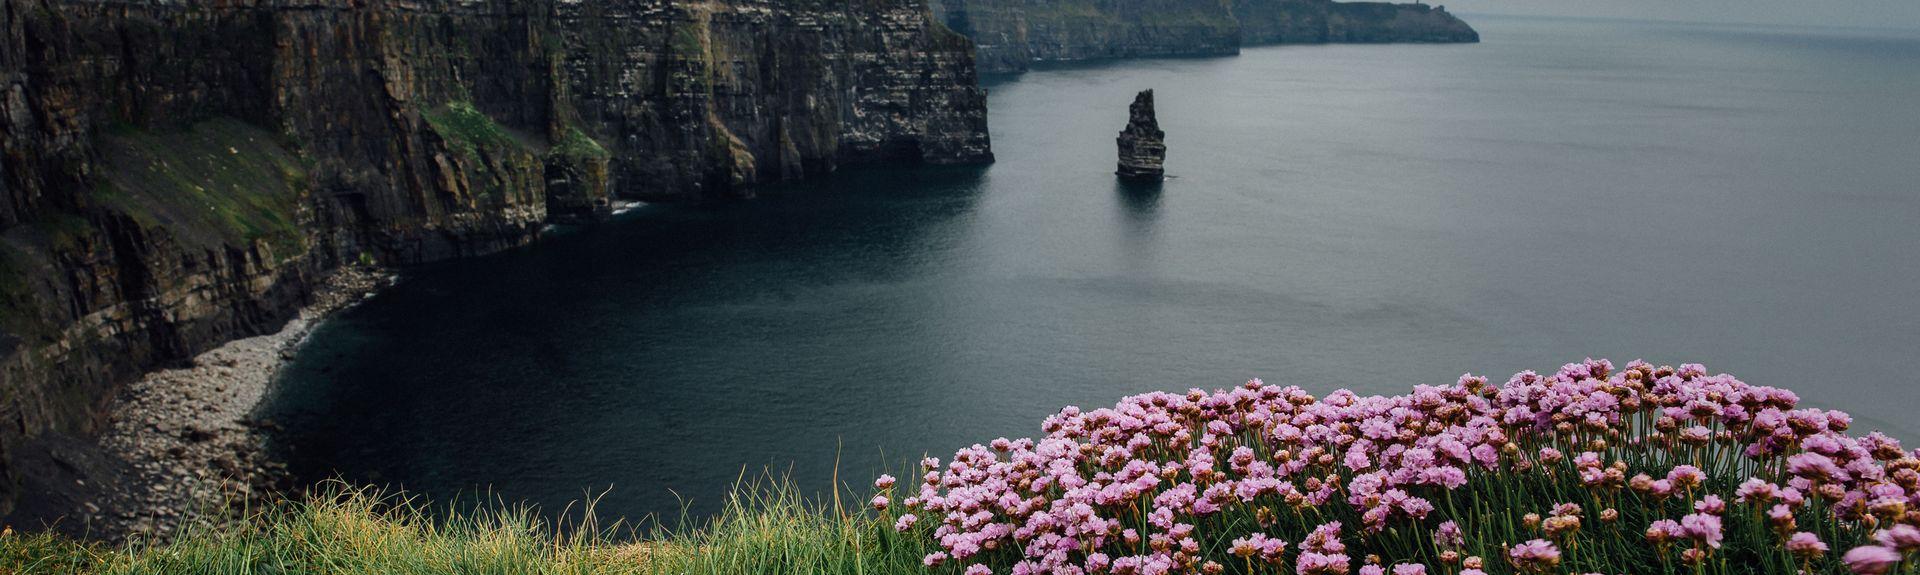 Ballyvaughan, Co. Clare, Ireland